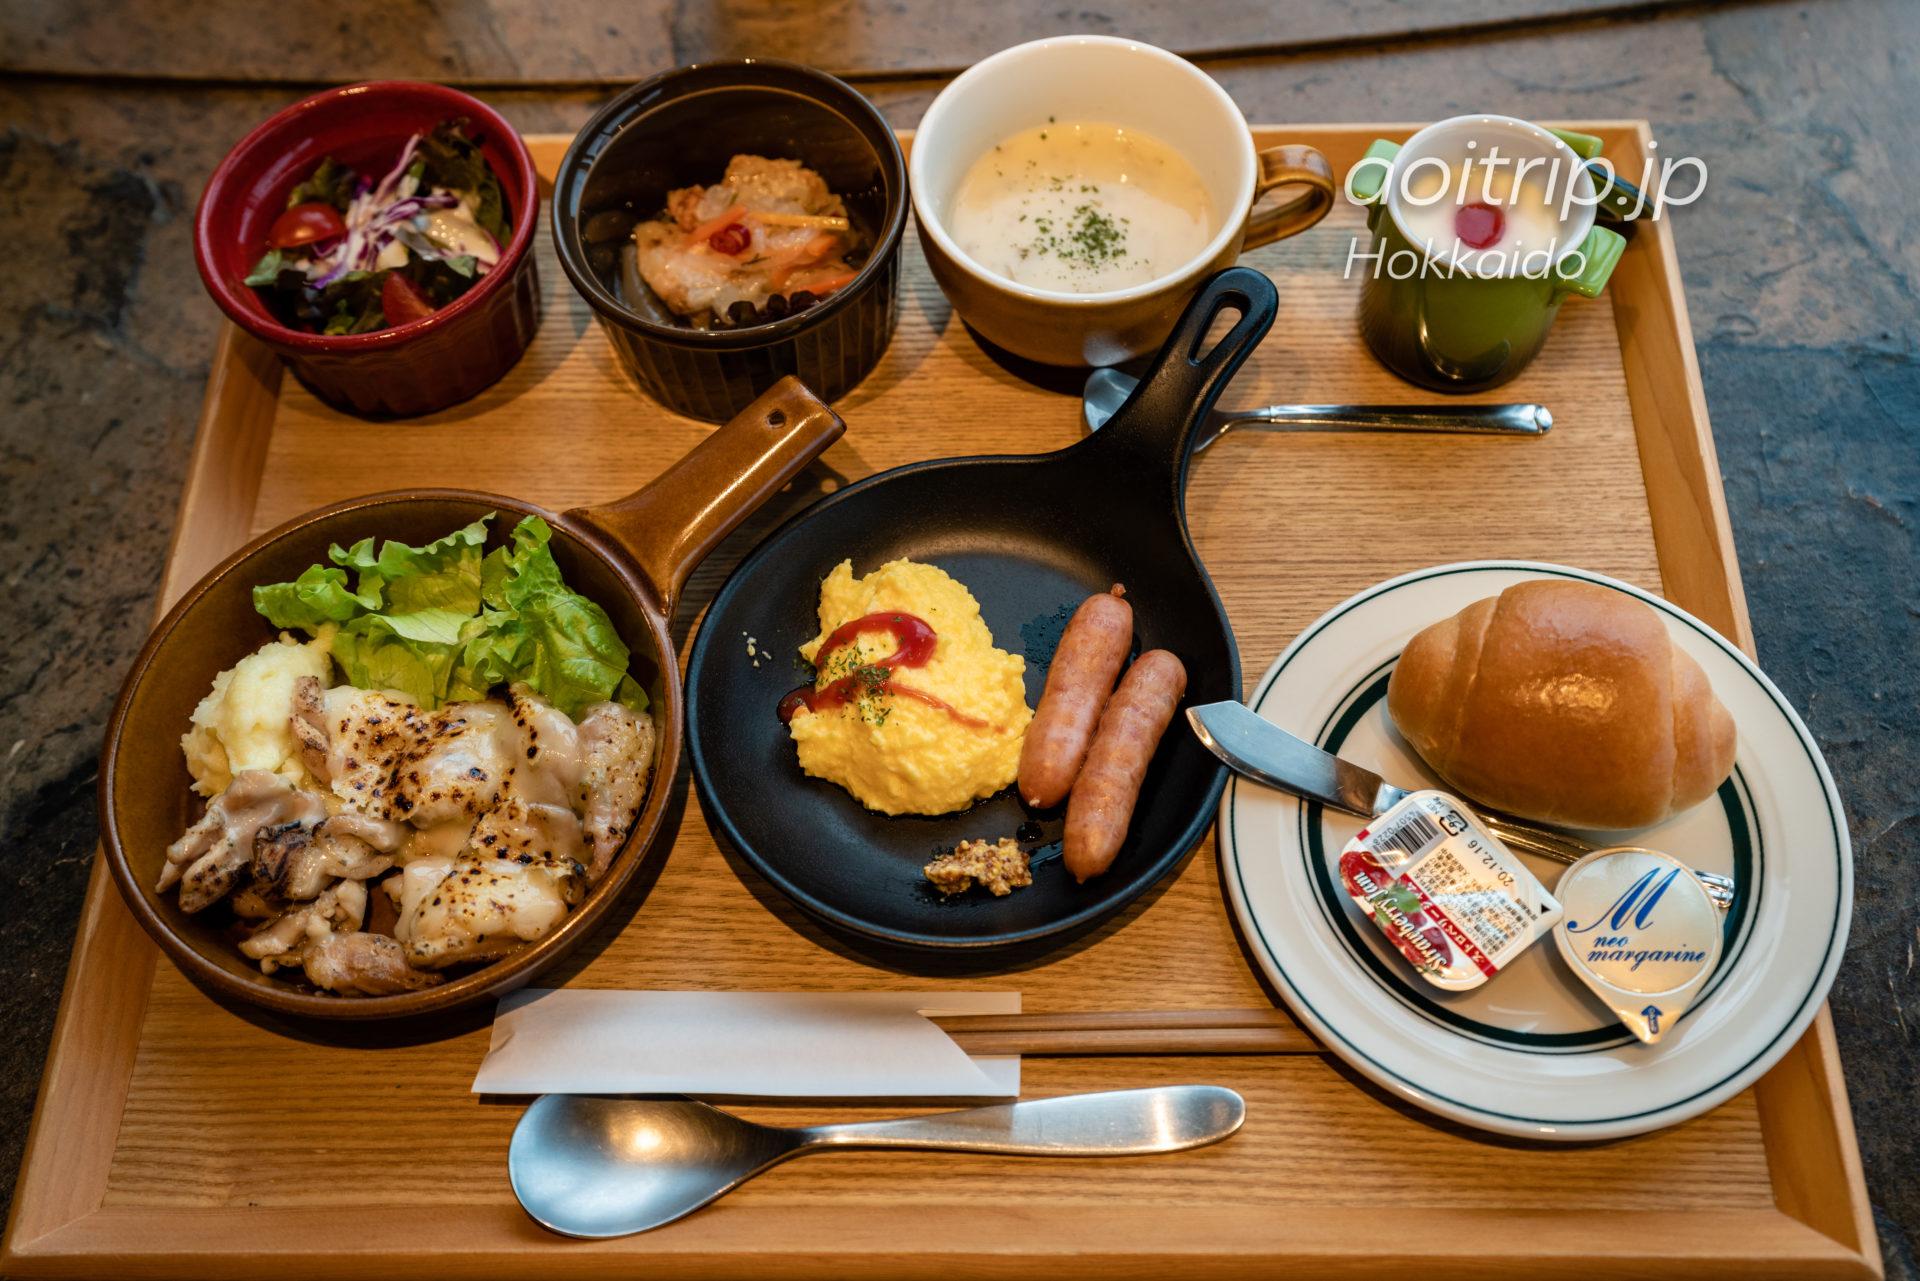 星野リゾートトマム〜鉄板焼きの店〜 GRILLED・AGIの朝食 中札内鶏のグリル ラクレットチーズがけ